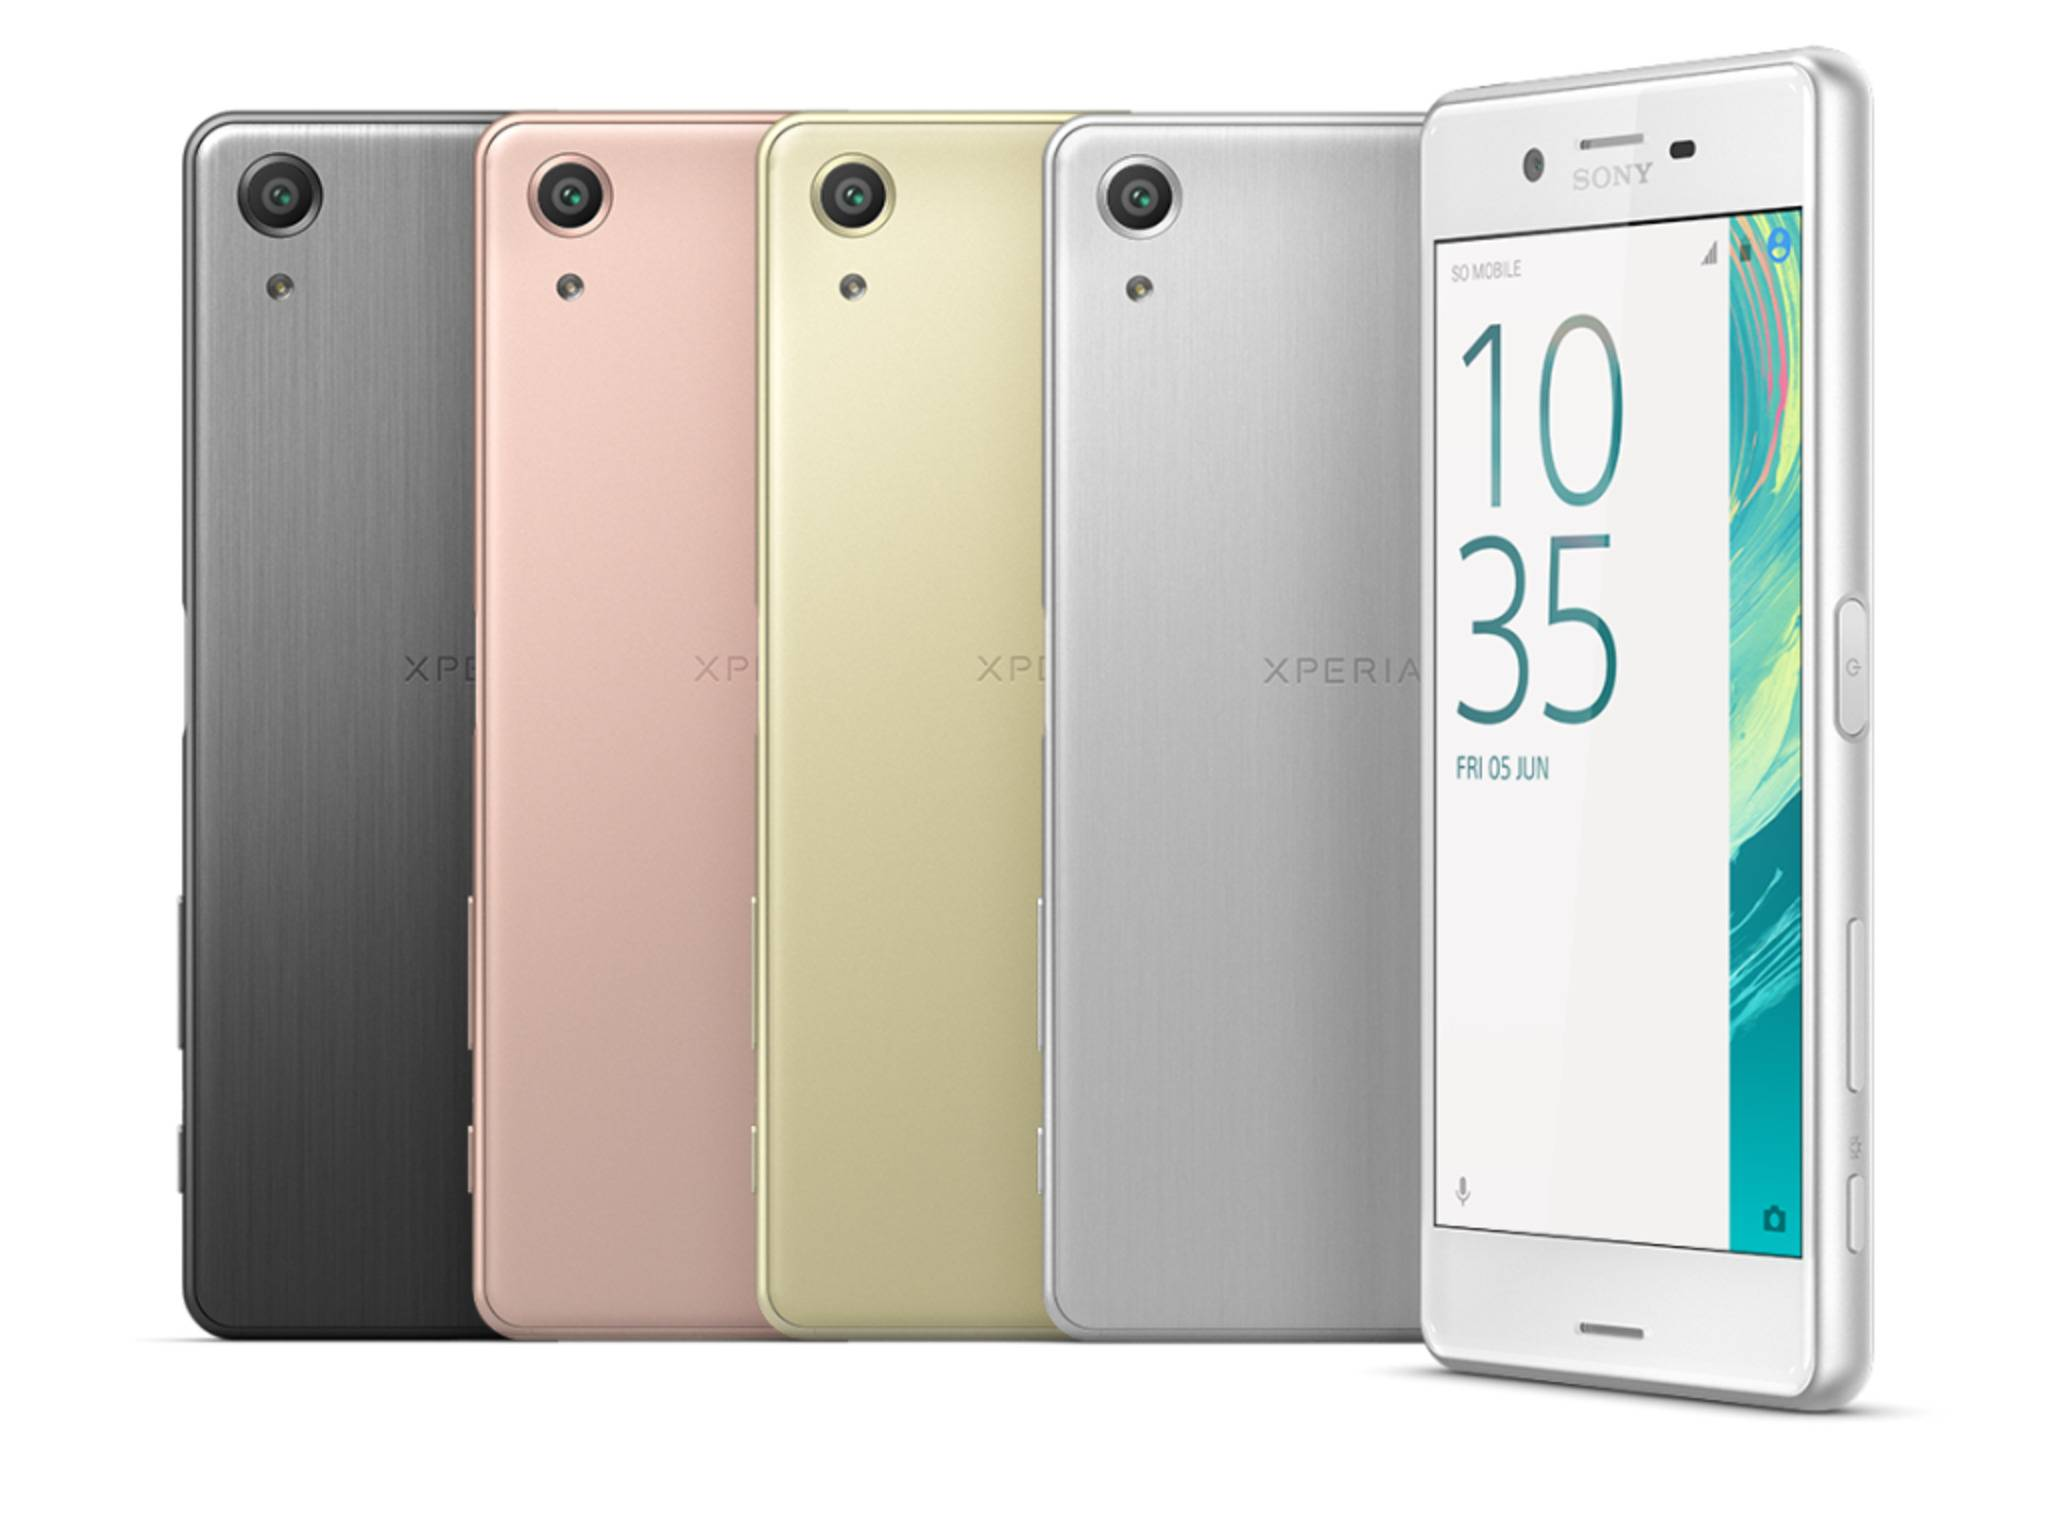 Das unbekannte neue Sony-Smartphone hat eine ähnliche Ausstattung wie das Xperia X Performance.